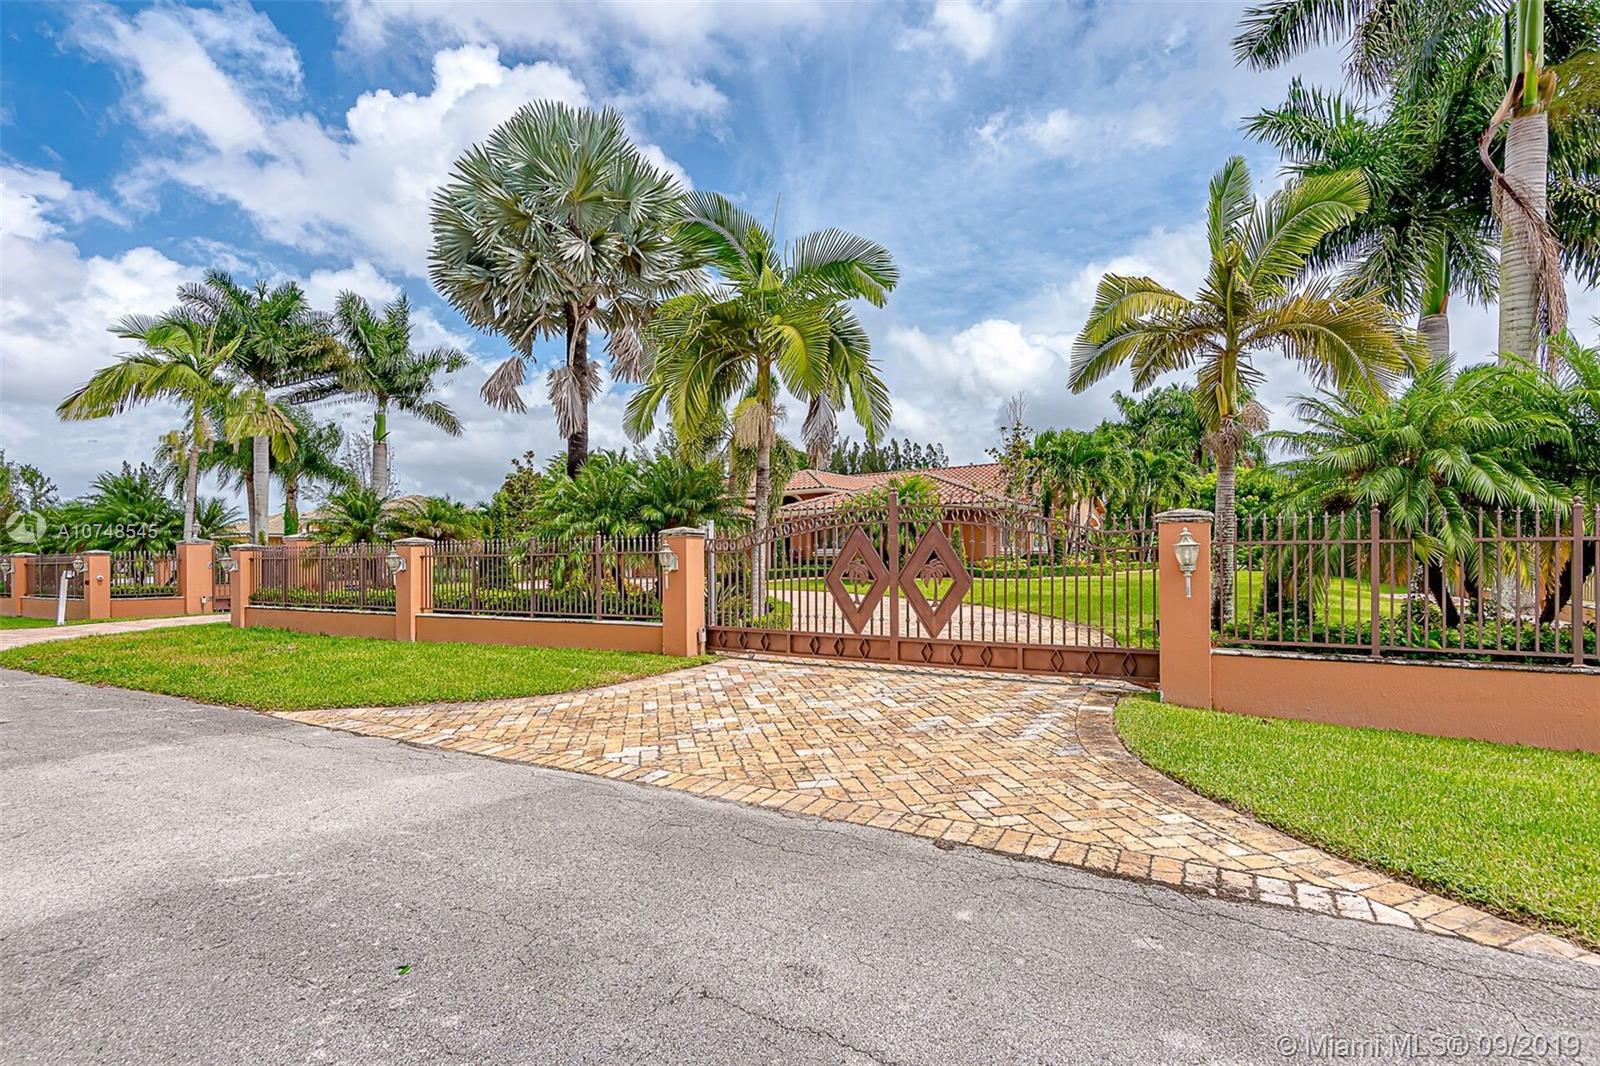 4001 SW 139th Ave, Miramar, FL 33027 - Miramar, FL real estate listing